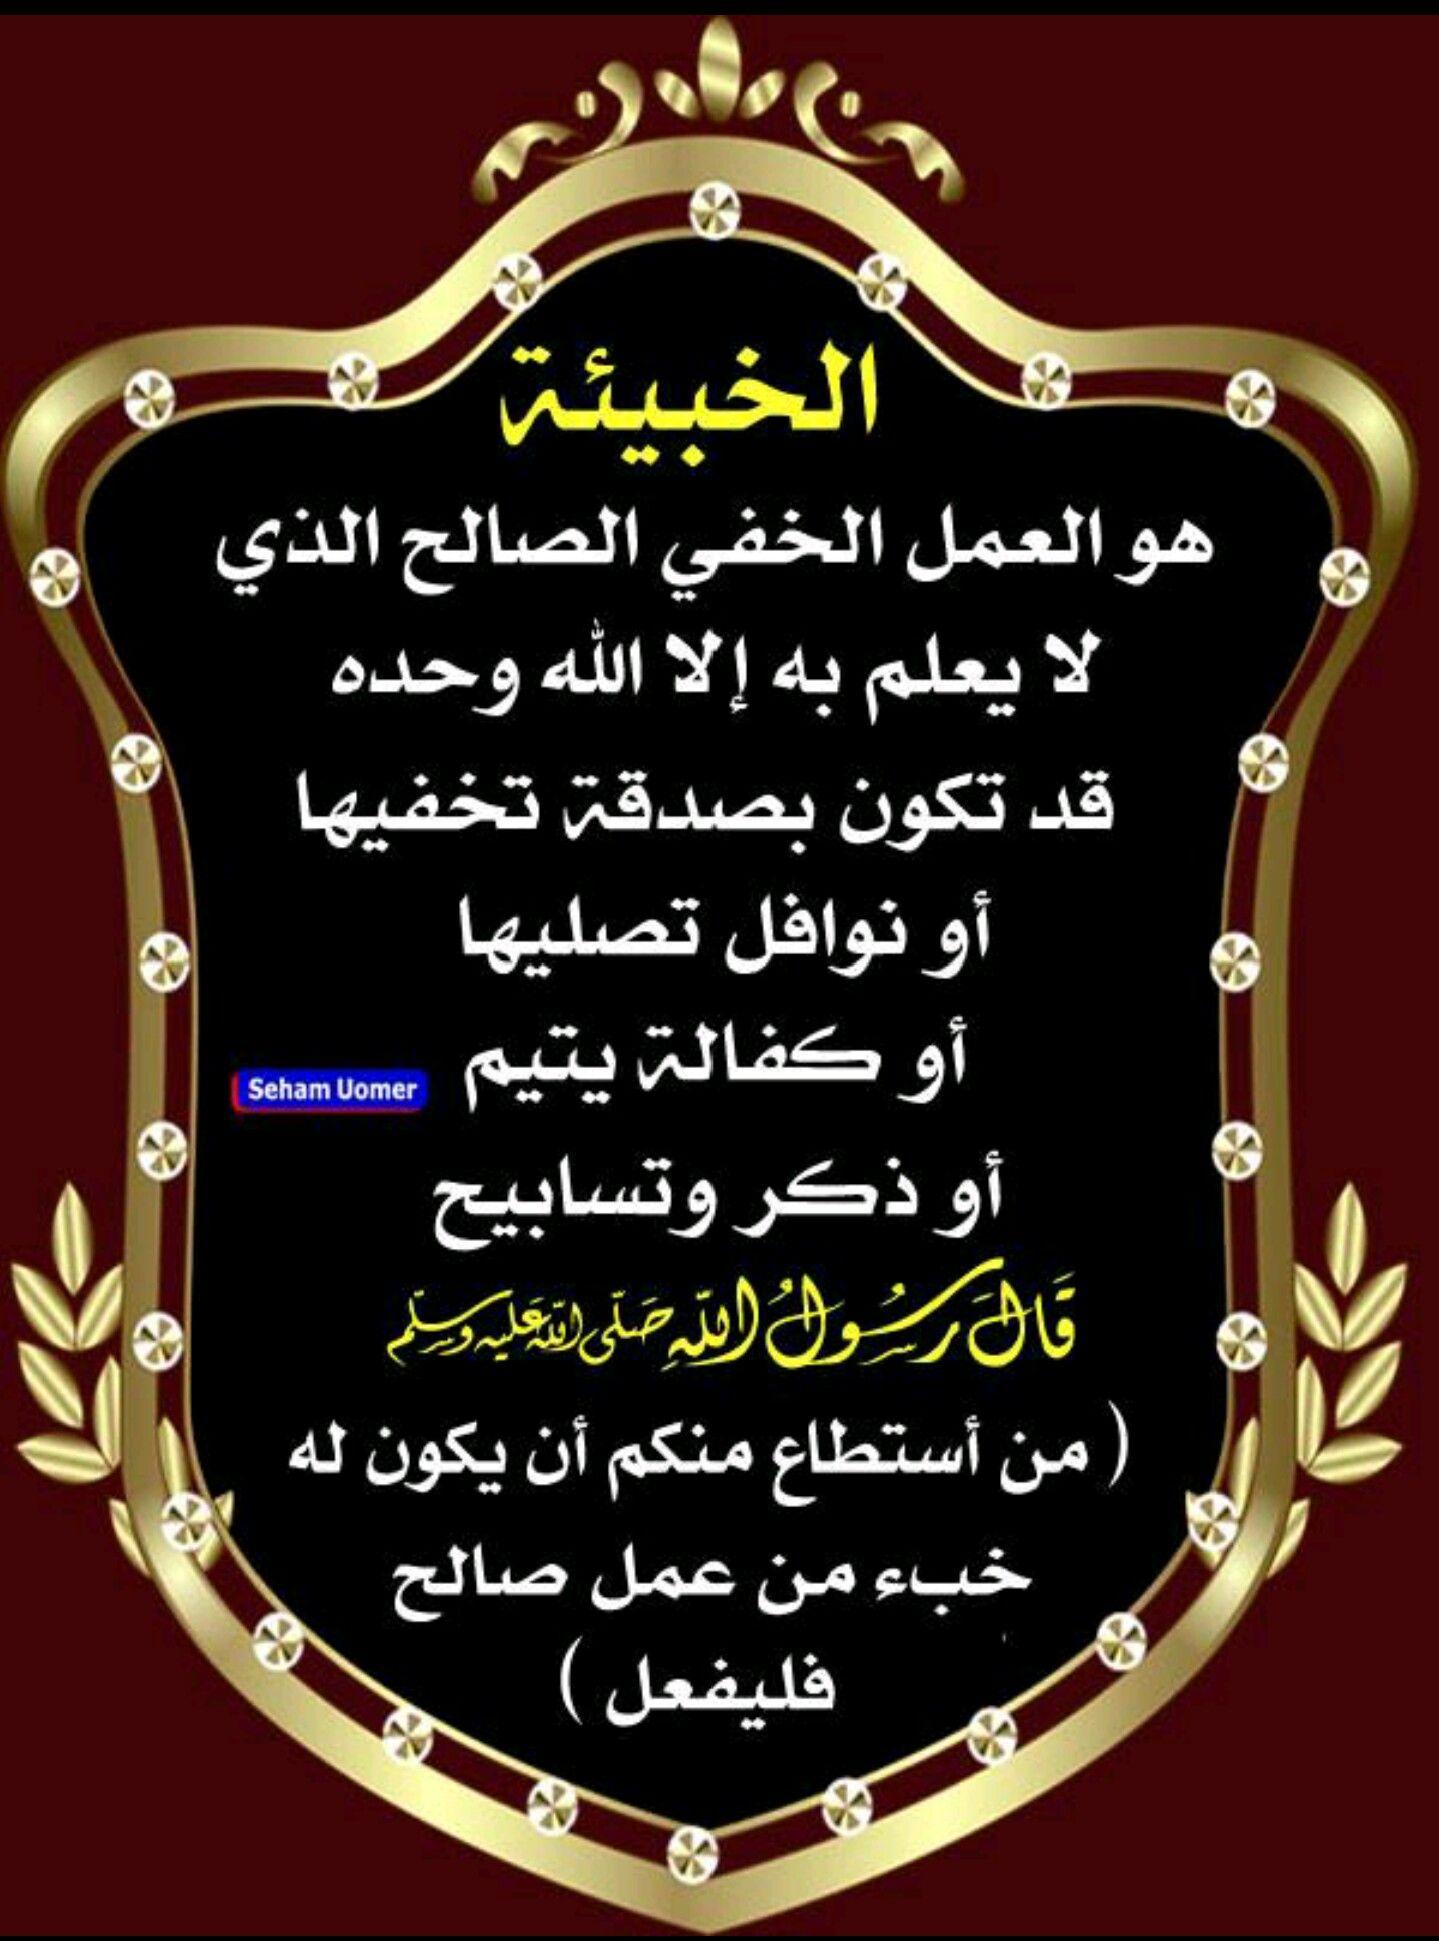 الخبيئة Islam Quran How He Loves Us Allah Islam